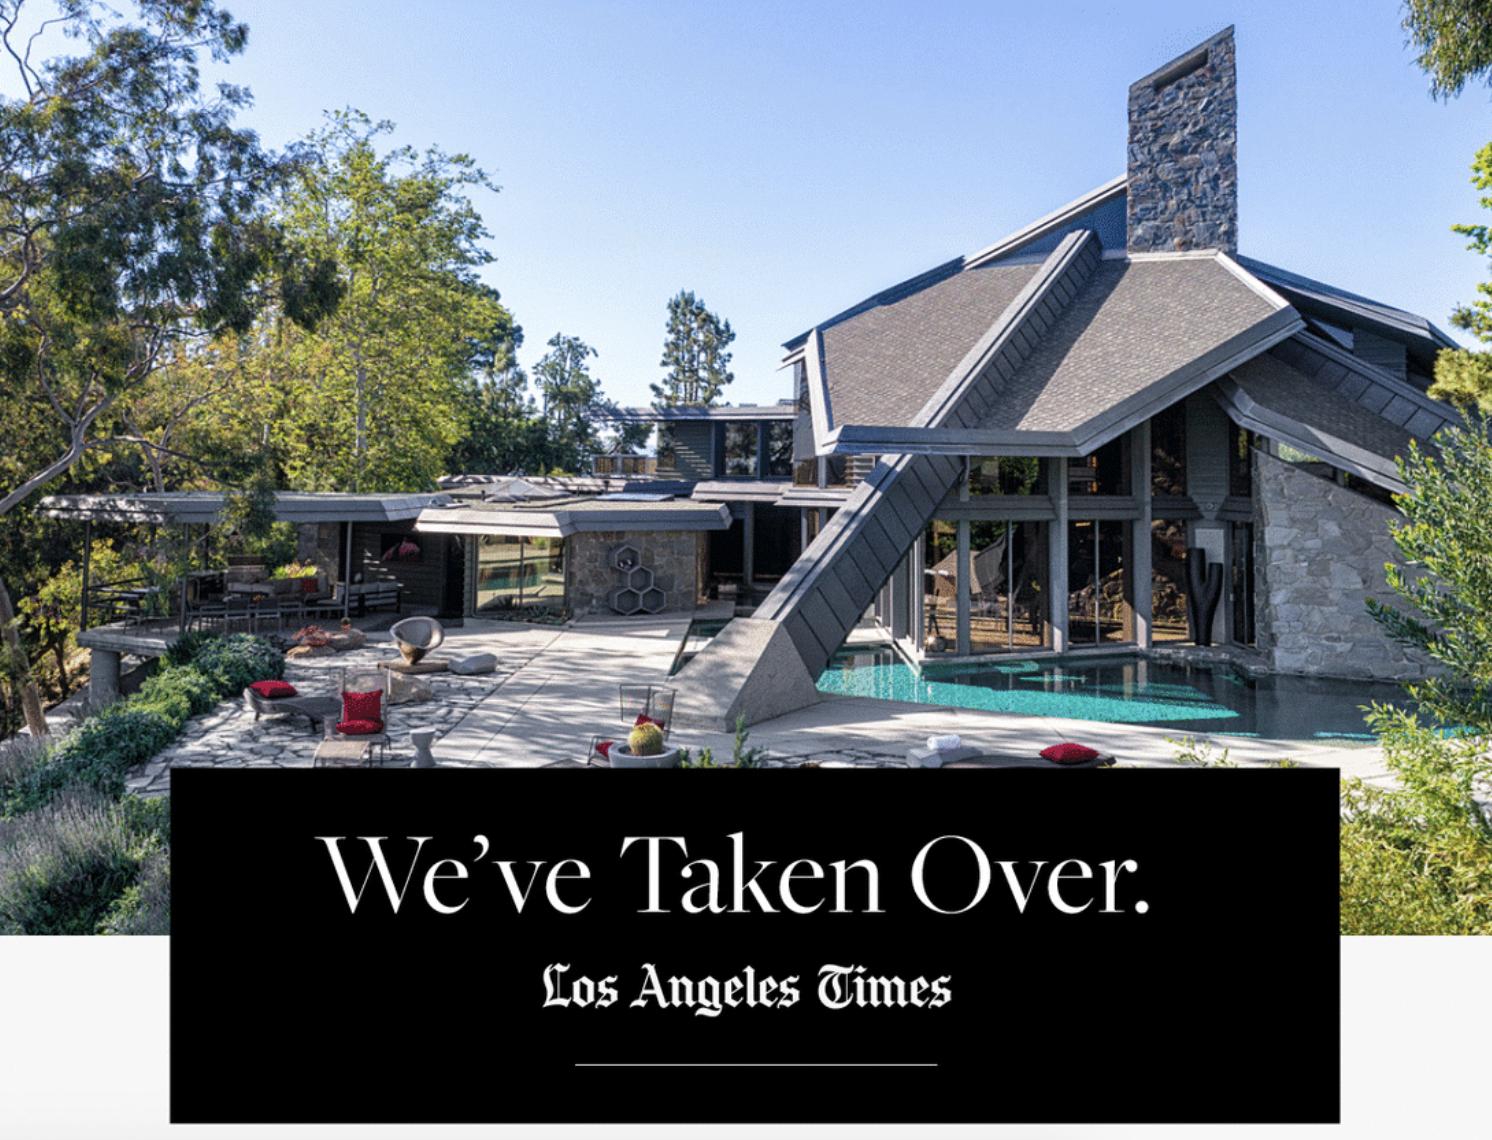 la-times-takeover